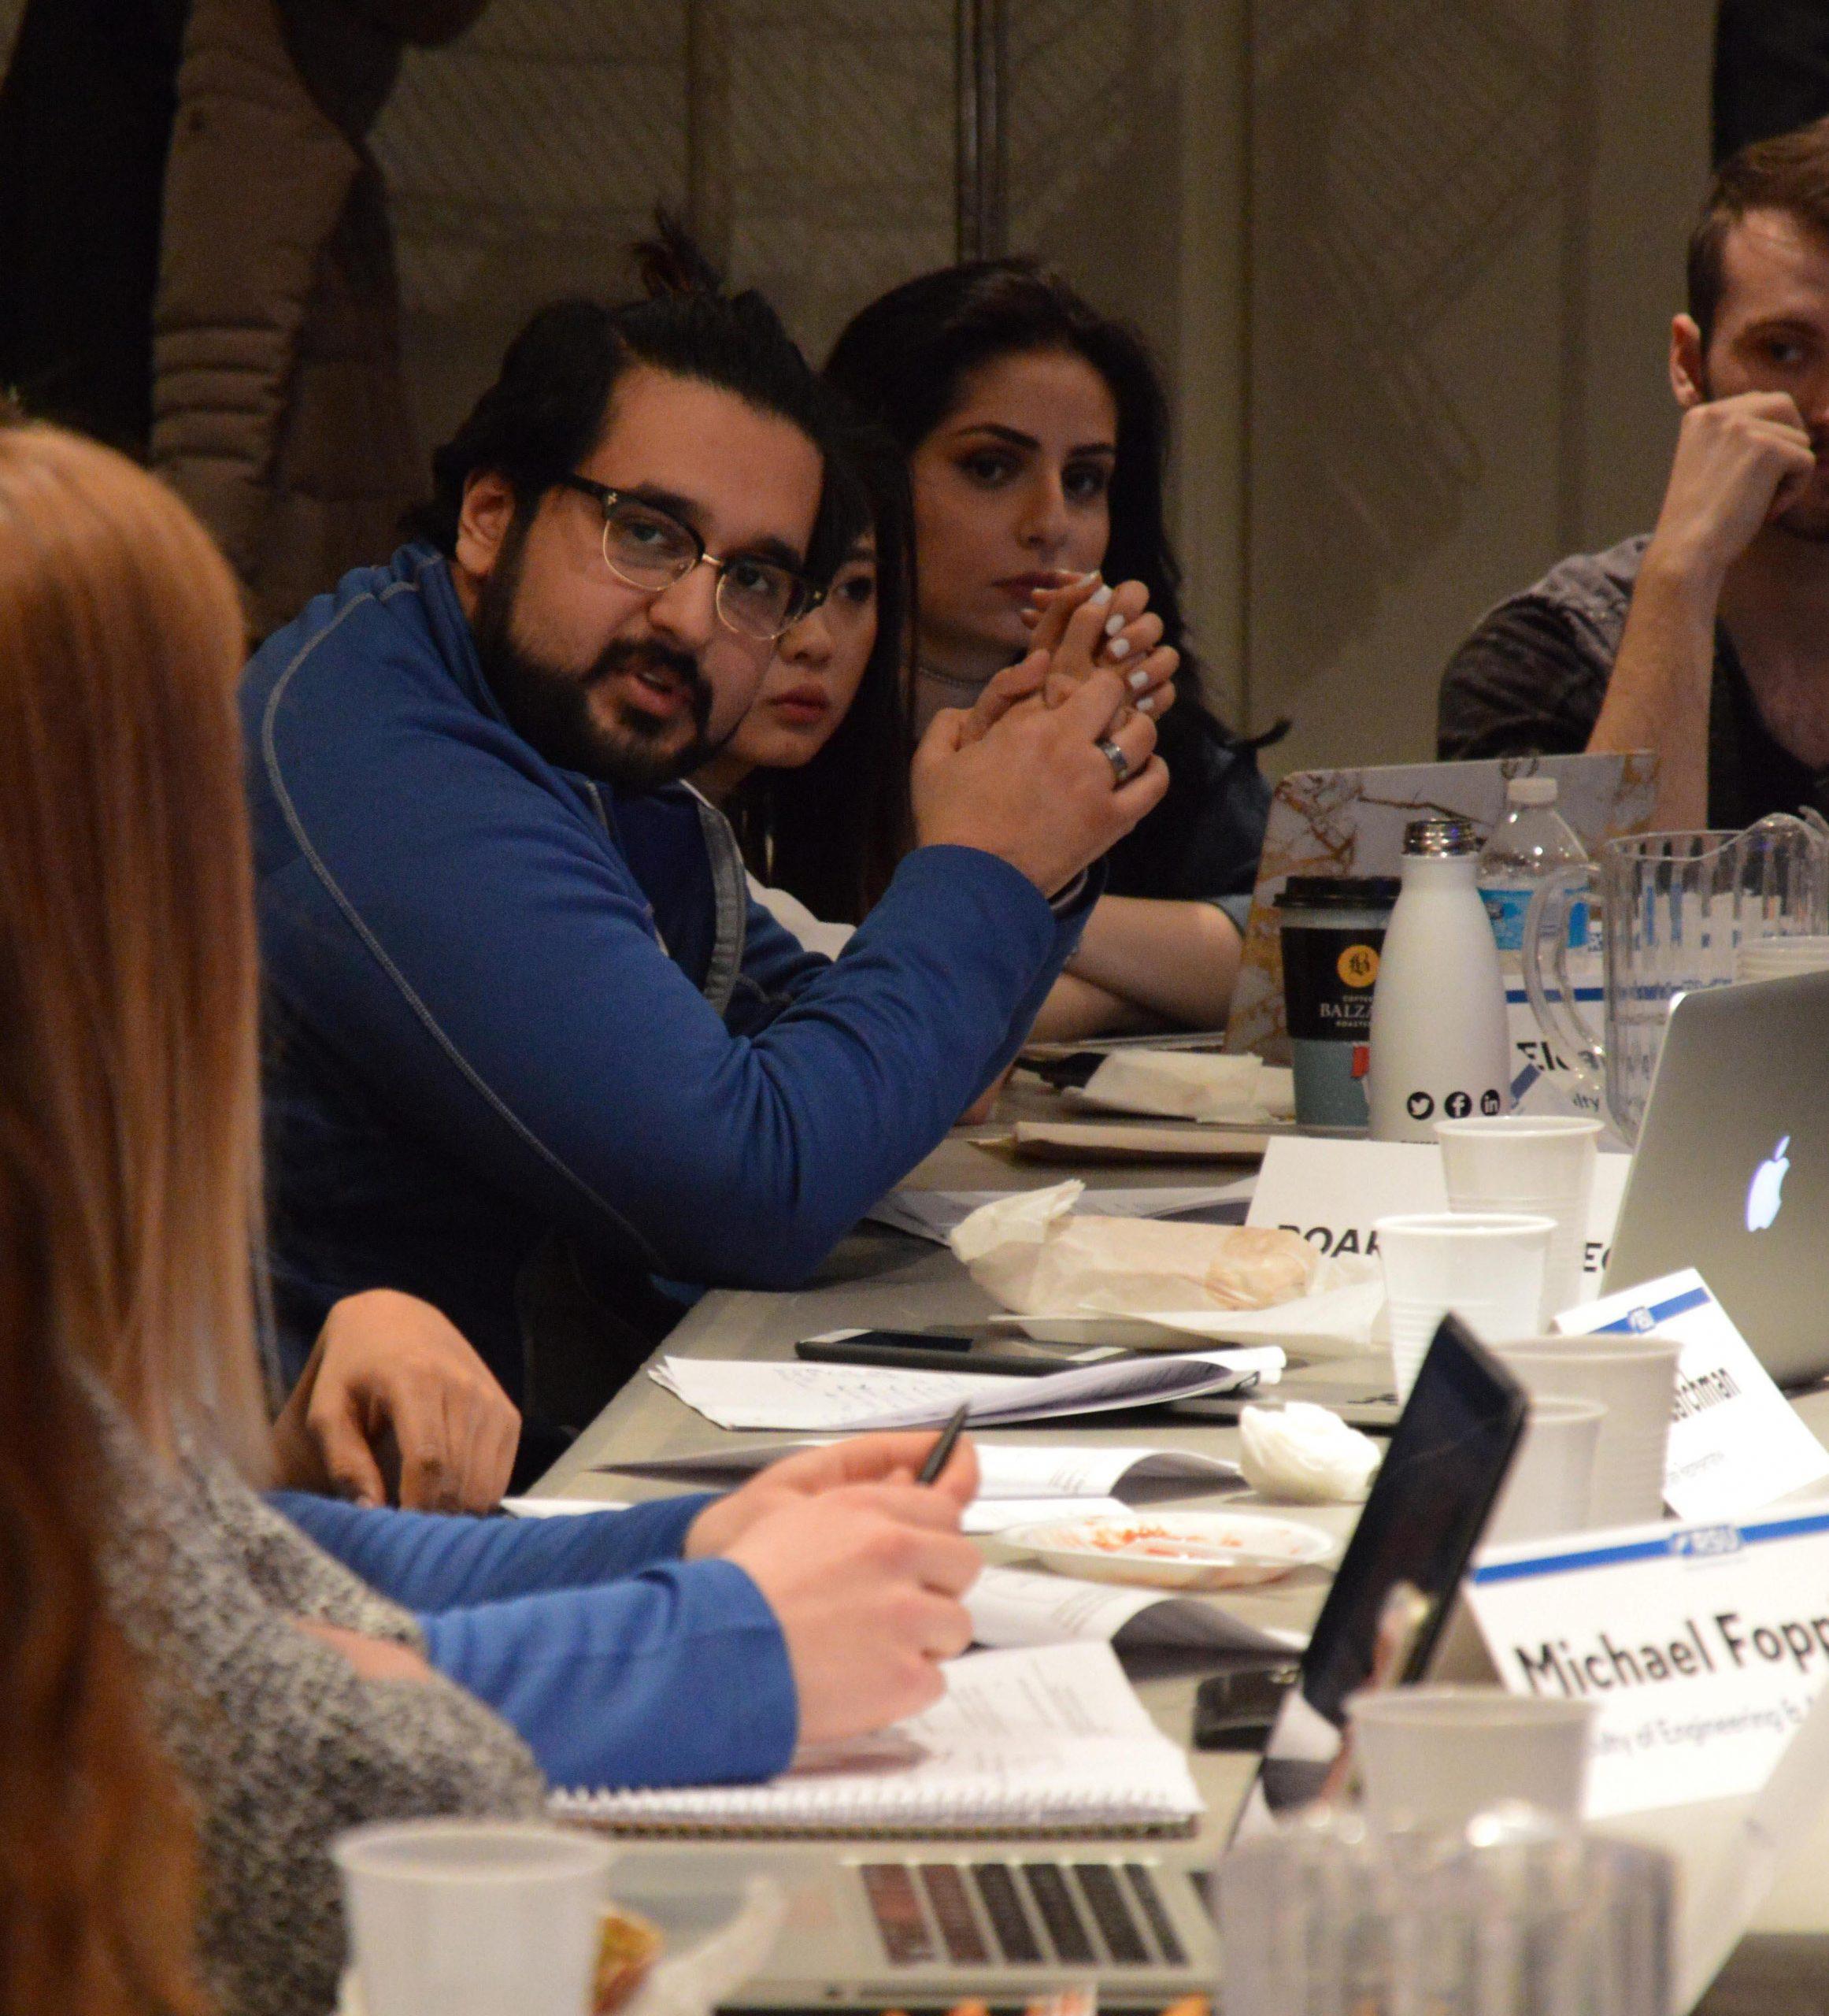 Board members discuss a topic